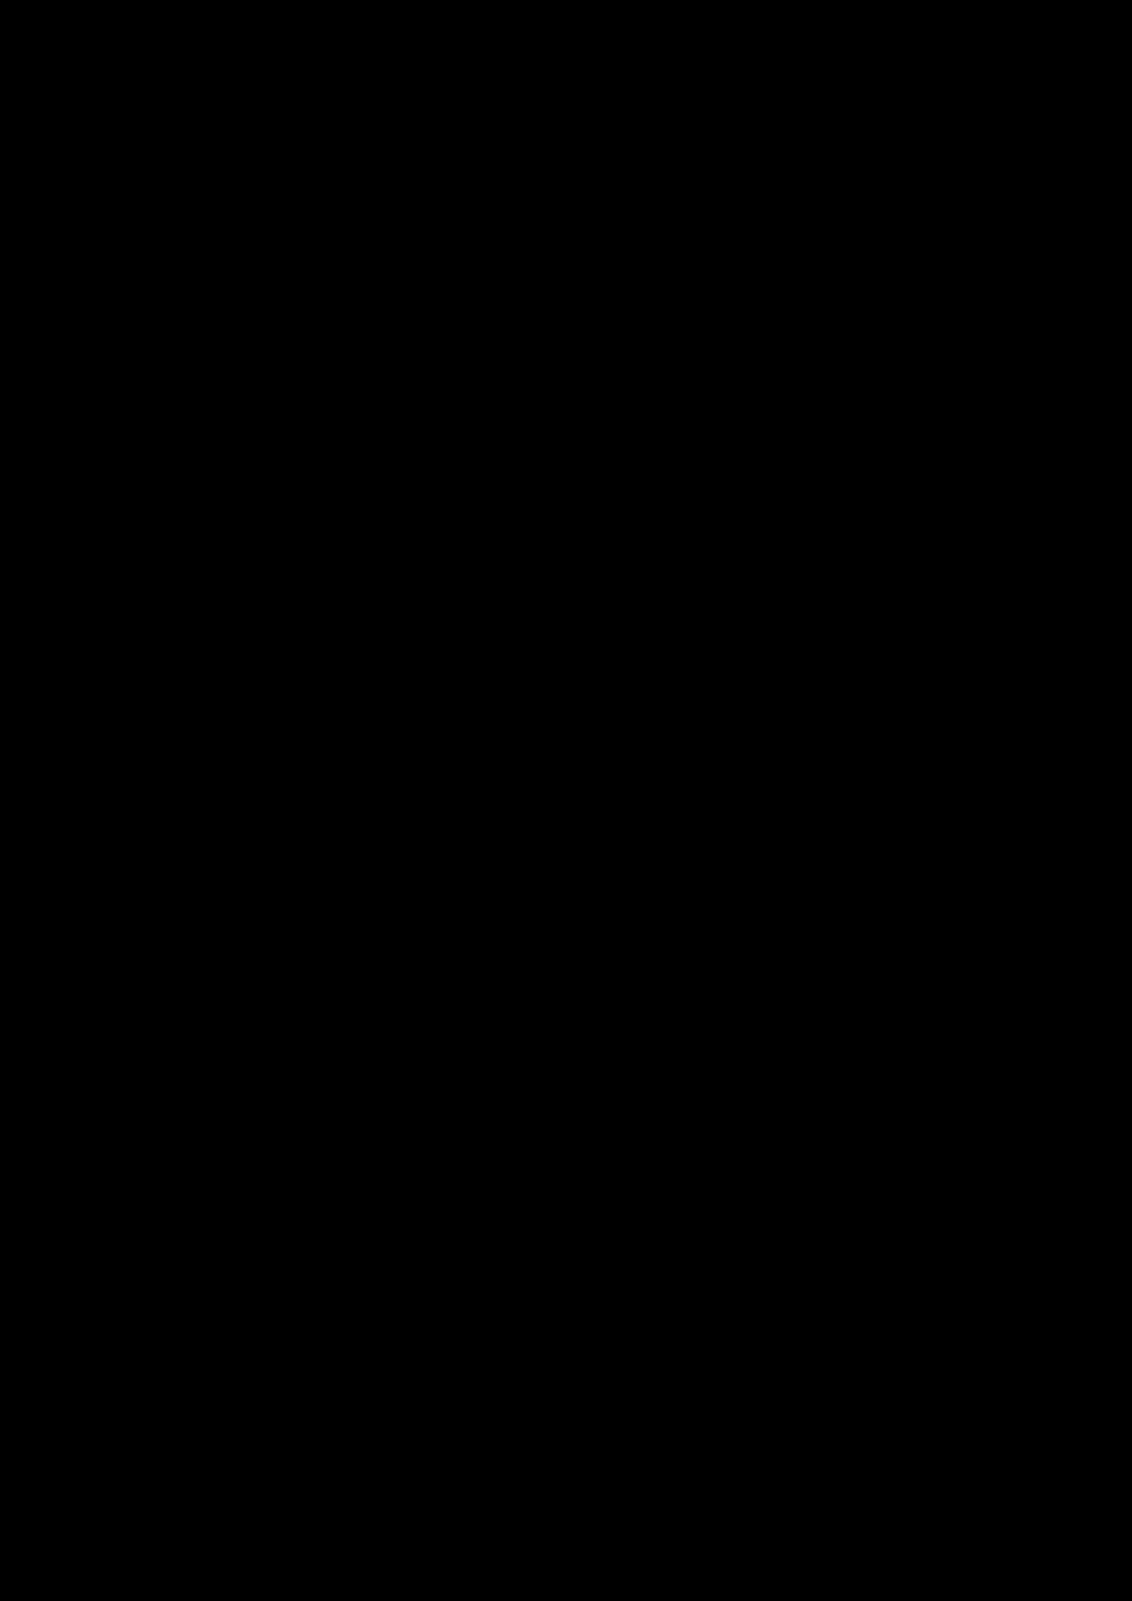 Zagadka volshebnoy stranyi slide, Image 74